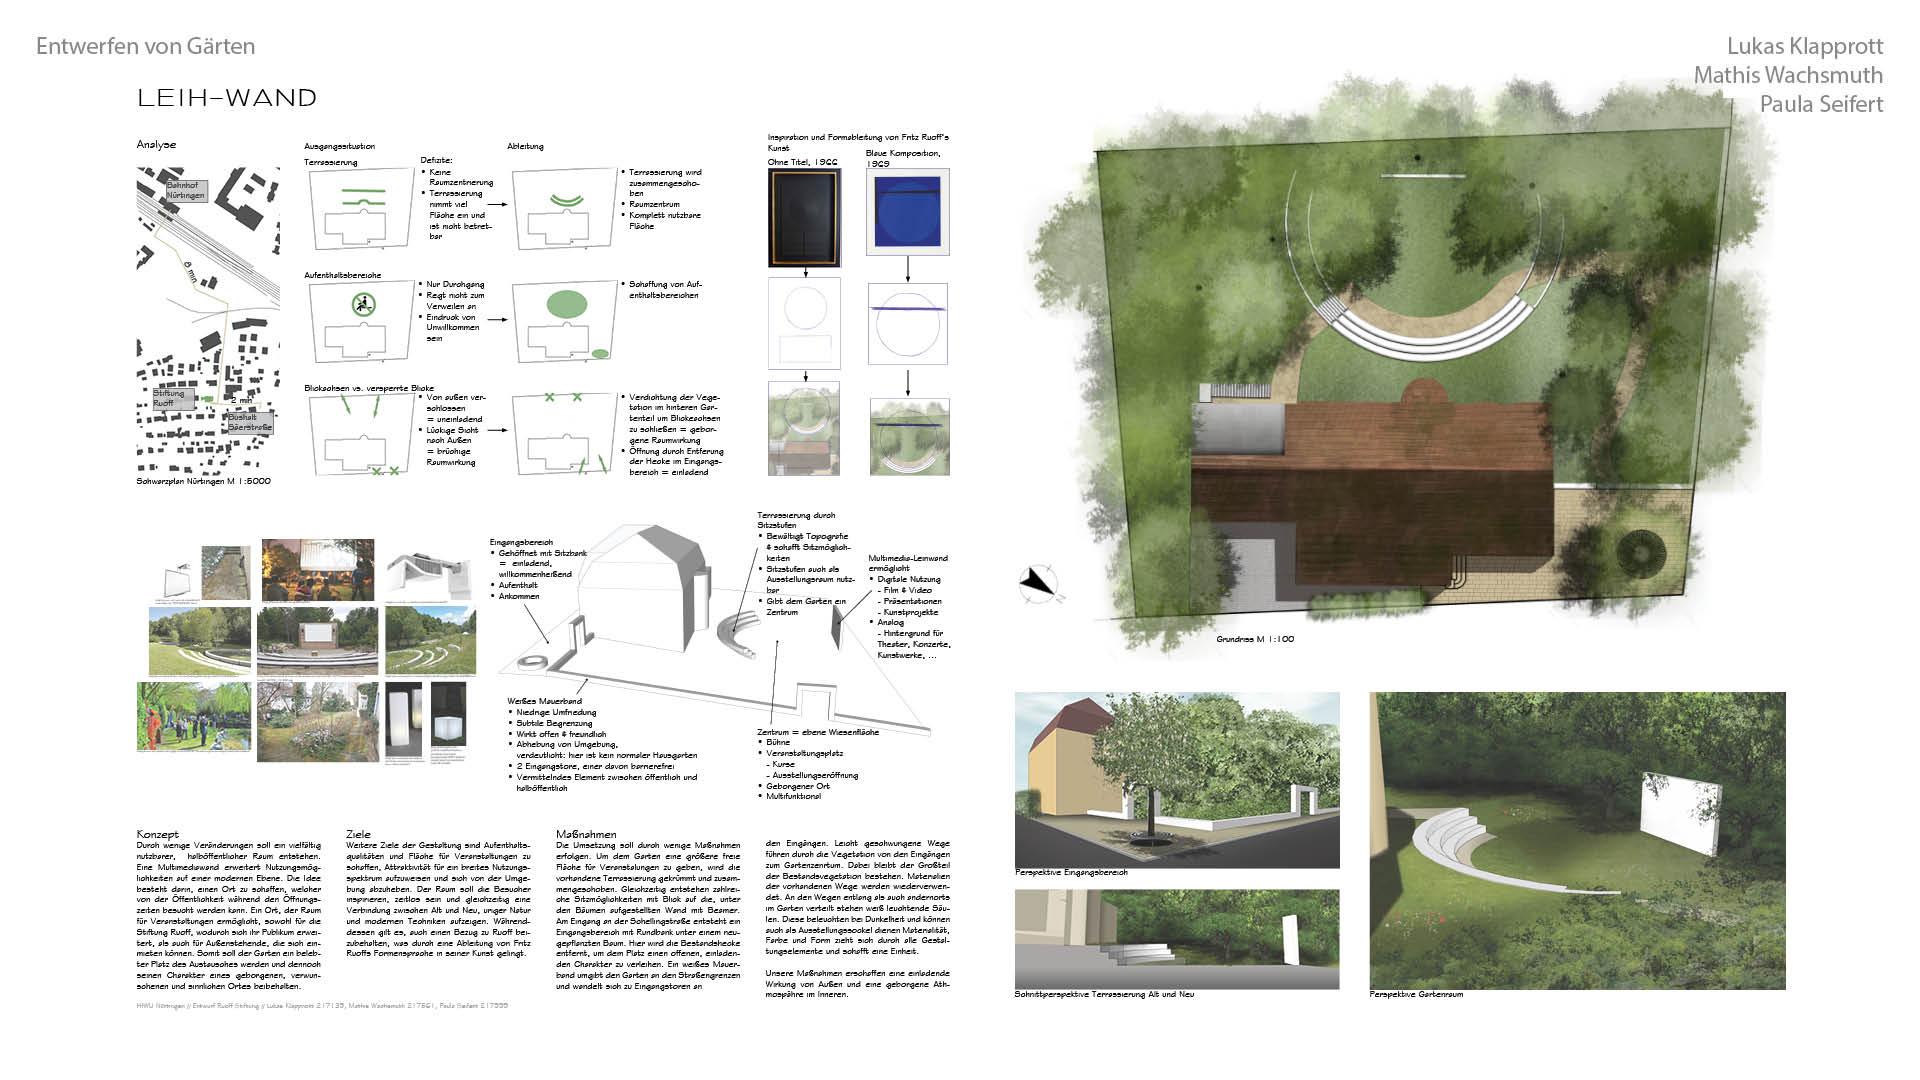 04 17 2 Entwerfen Von Gärten